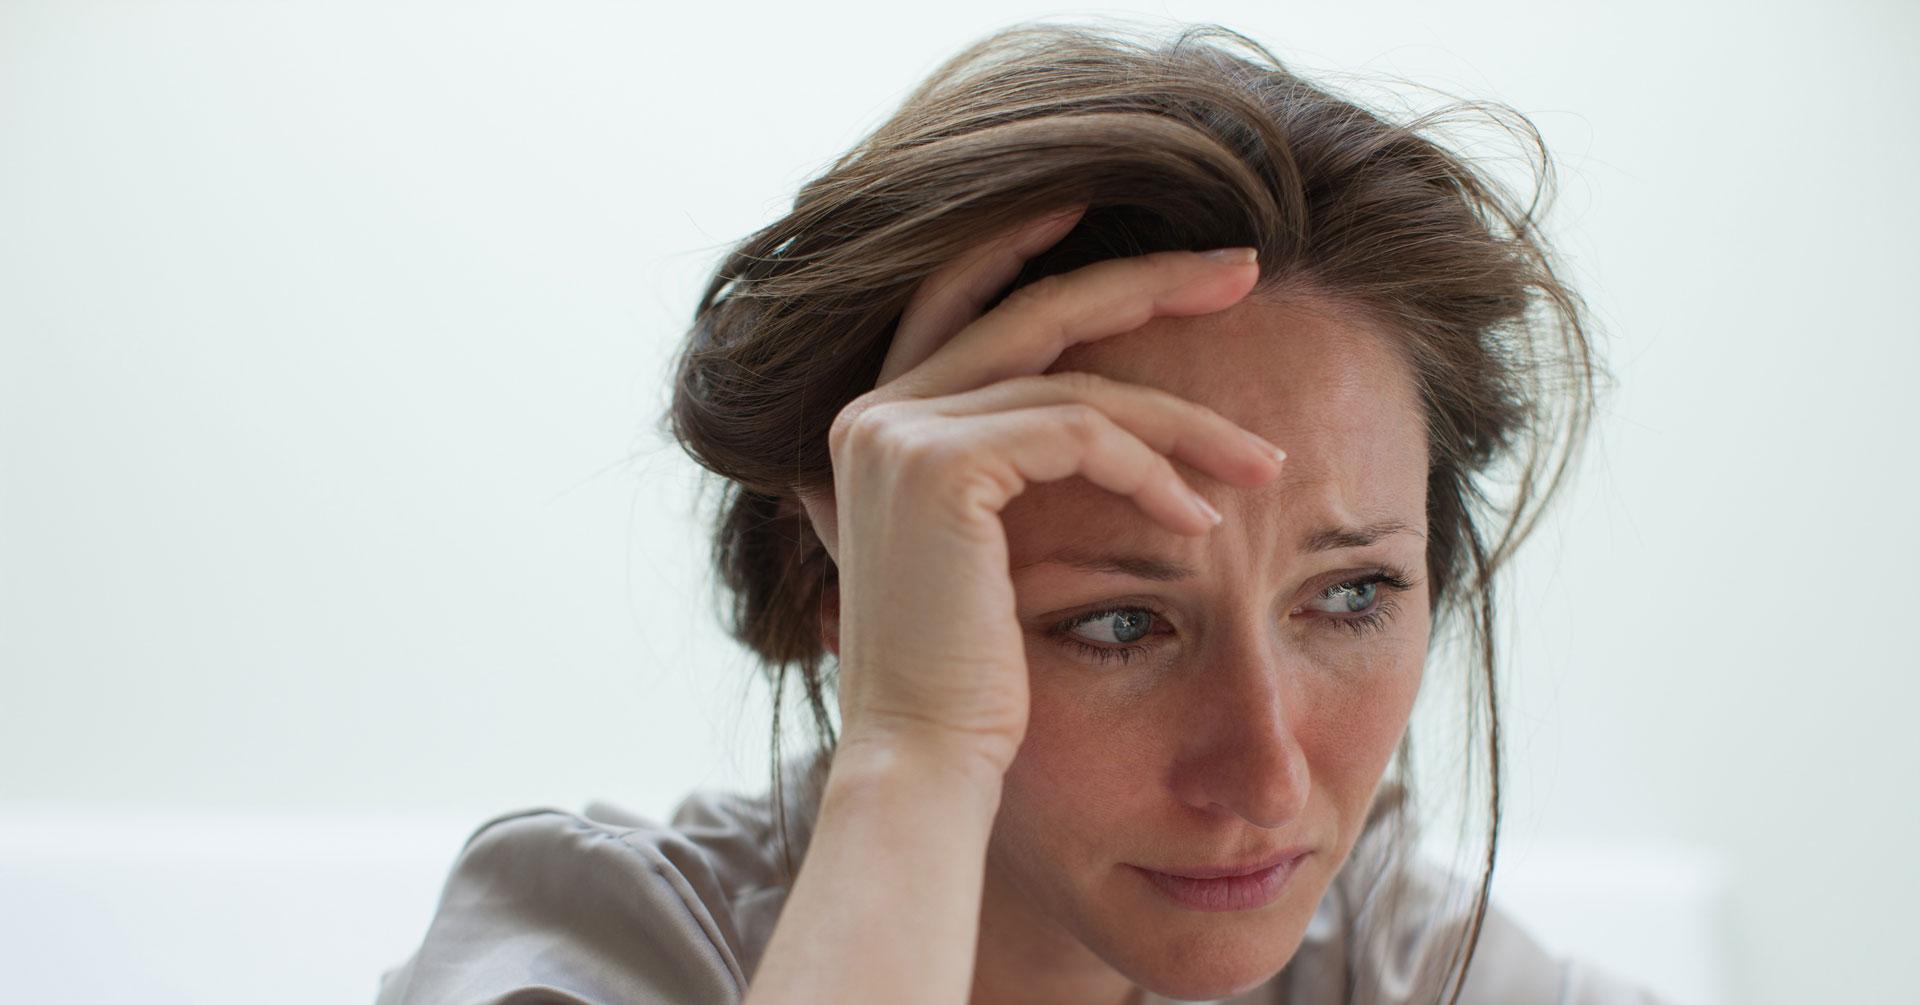 Может ли от стресса подняться температура: миф или реальность?